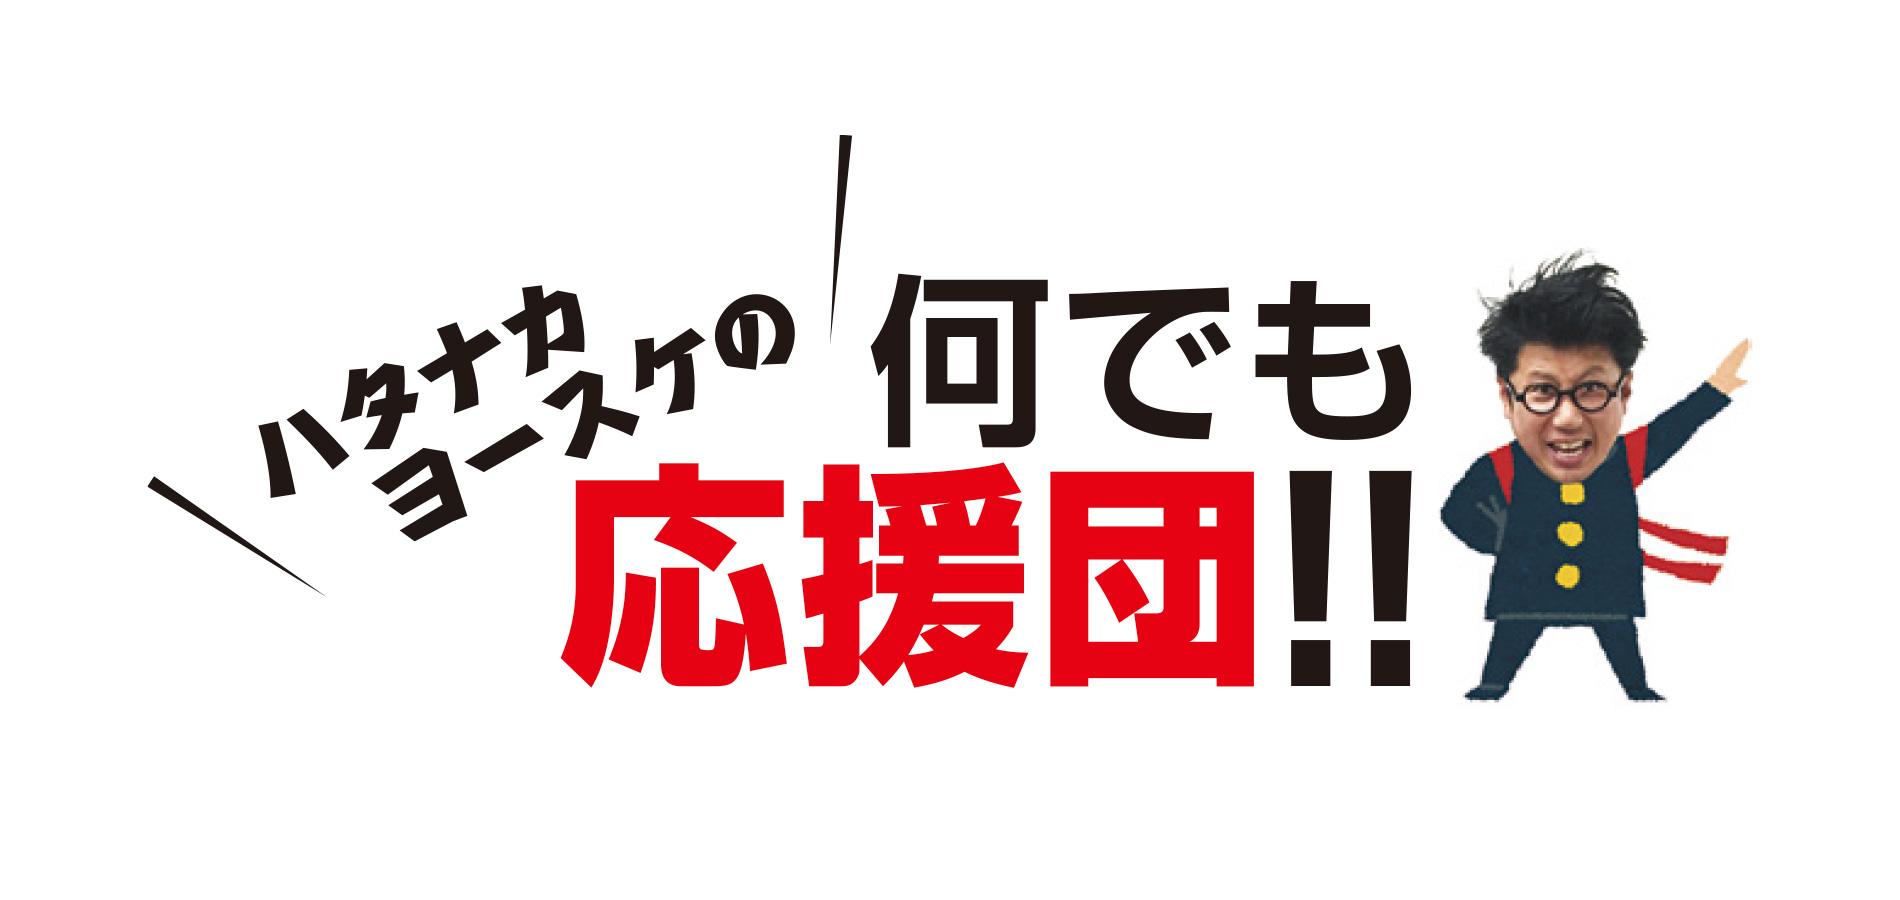 ハタナカヨースケの何でも応援団!! | OHK 岡山放送